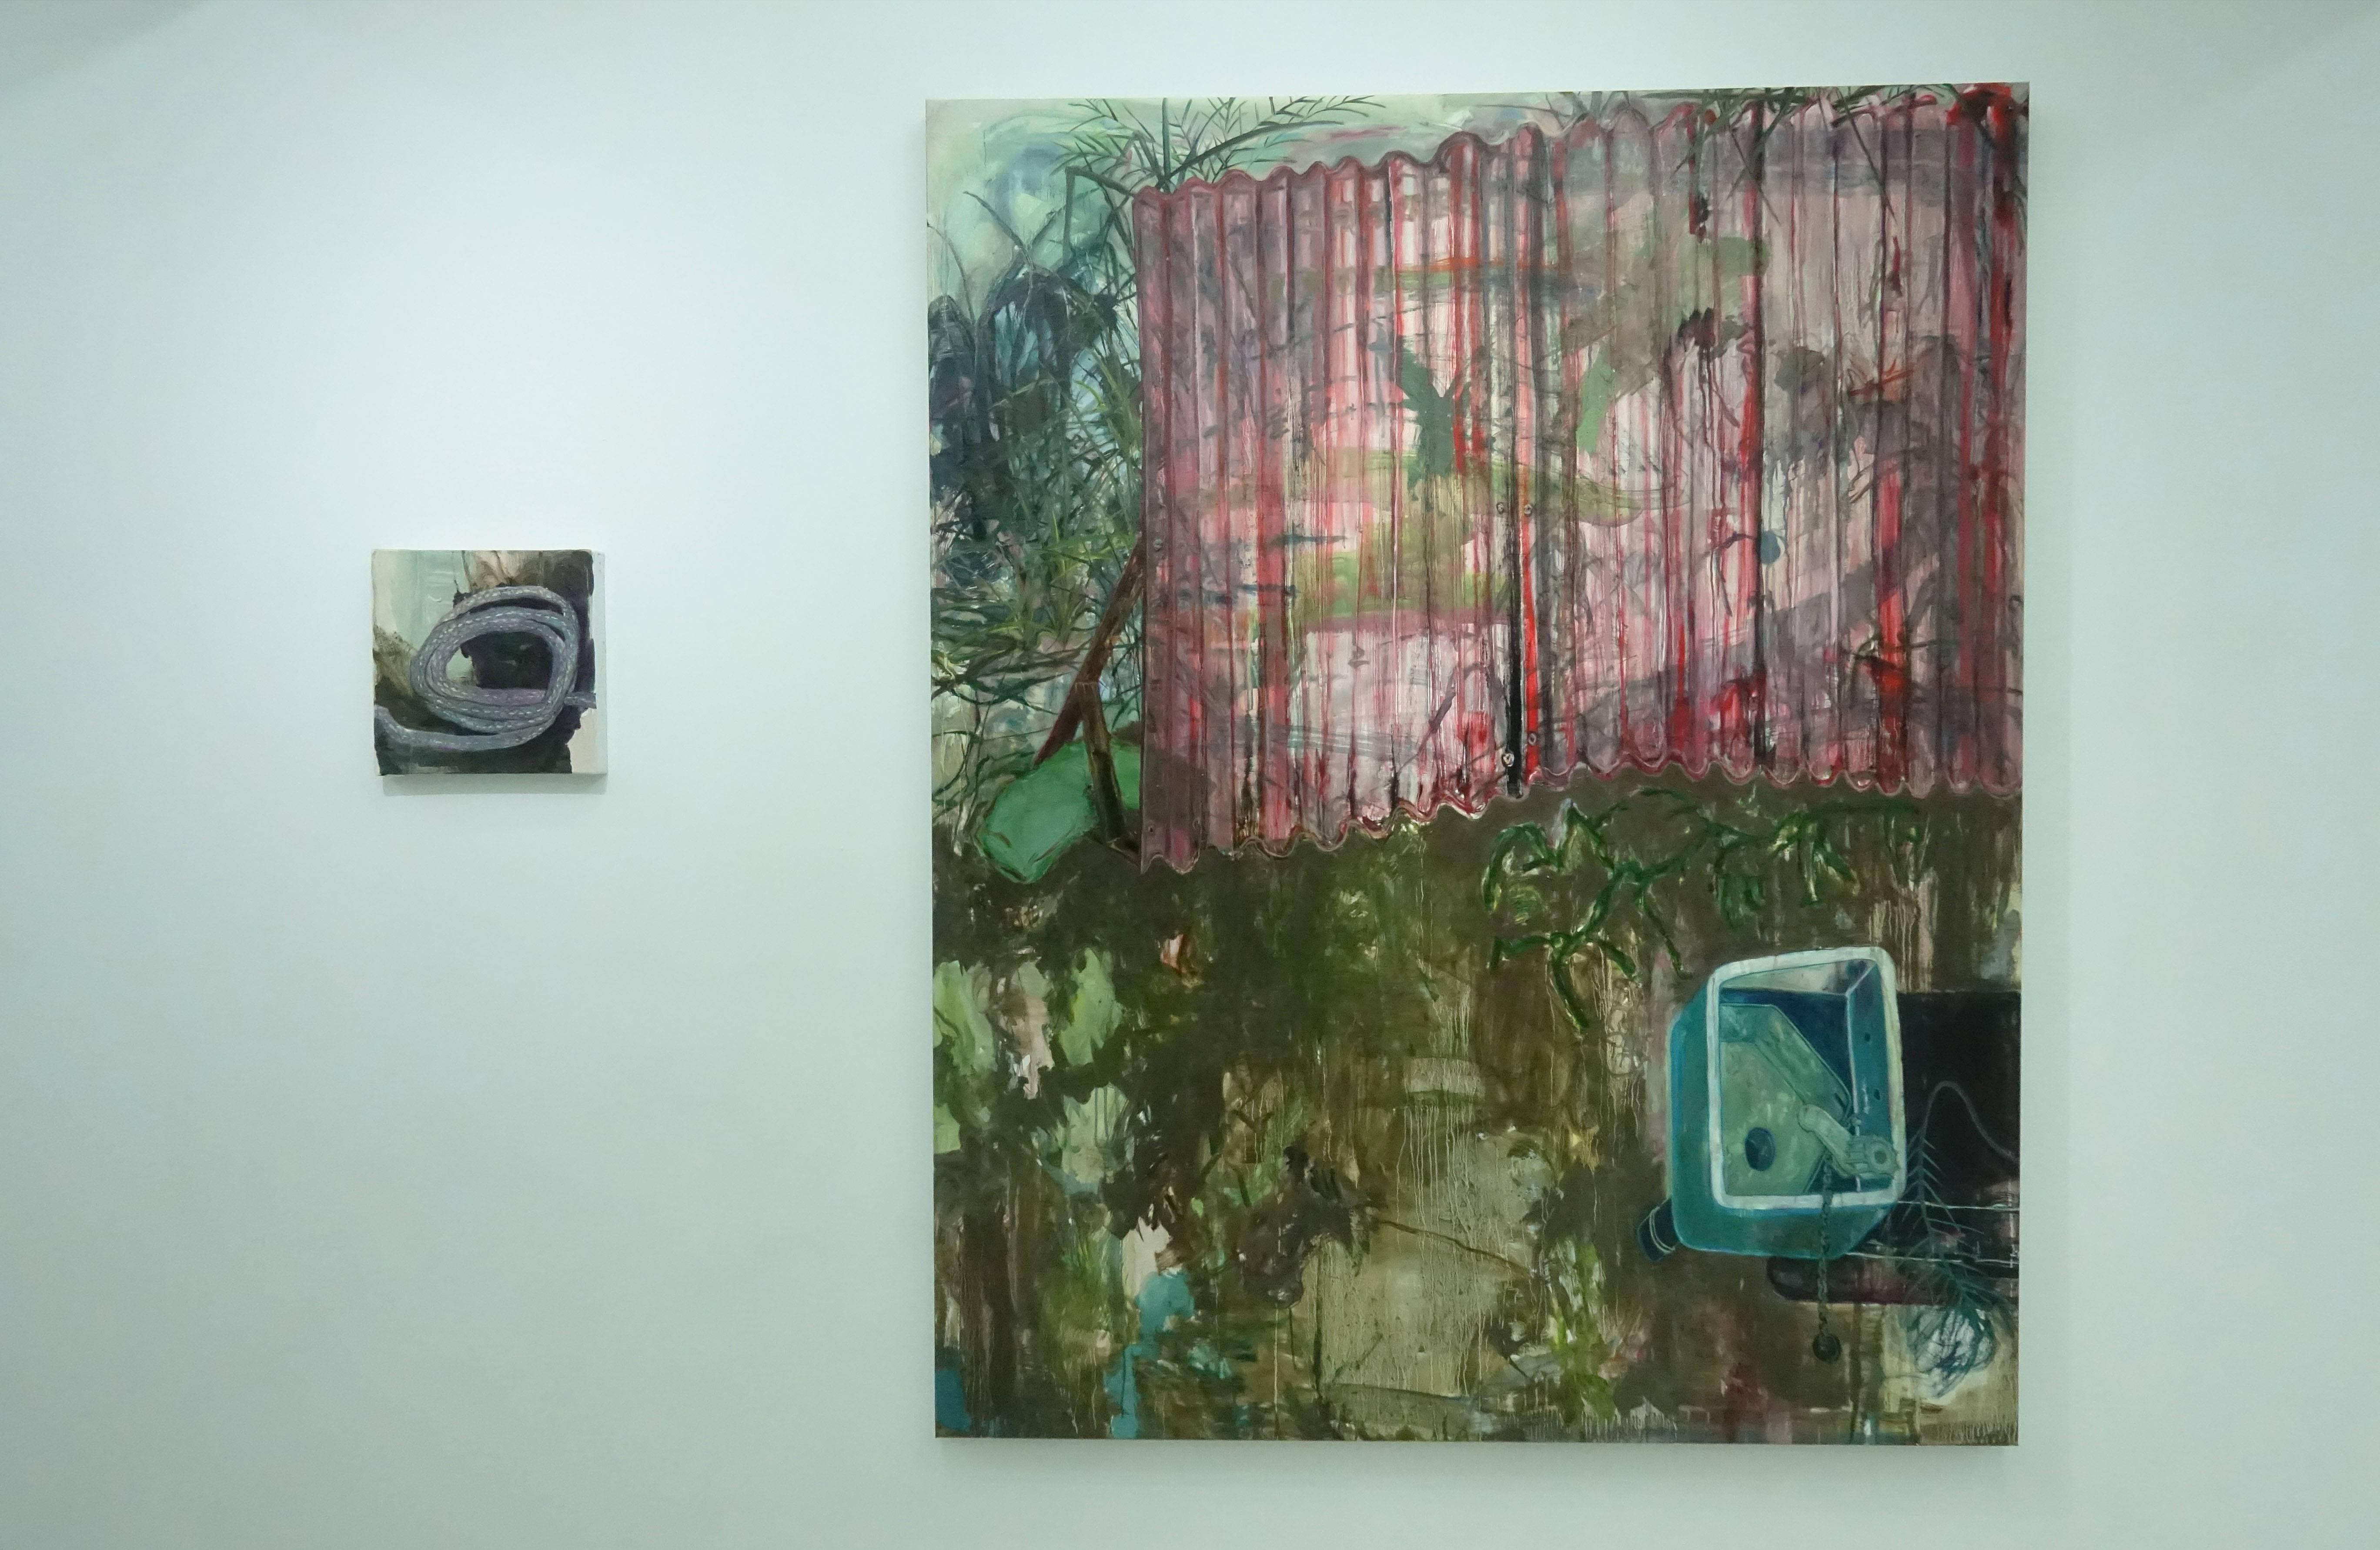 鄭婷婷,《失意水管》(左),油畫畫布,2018。鄭婷婷,《一些戶外家具 III》(右),油畫畫布,2018。